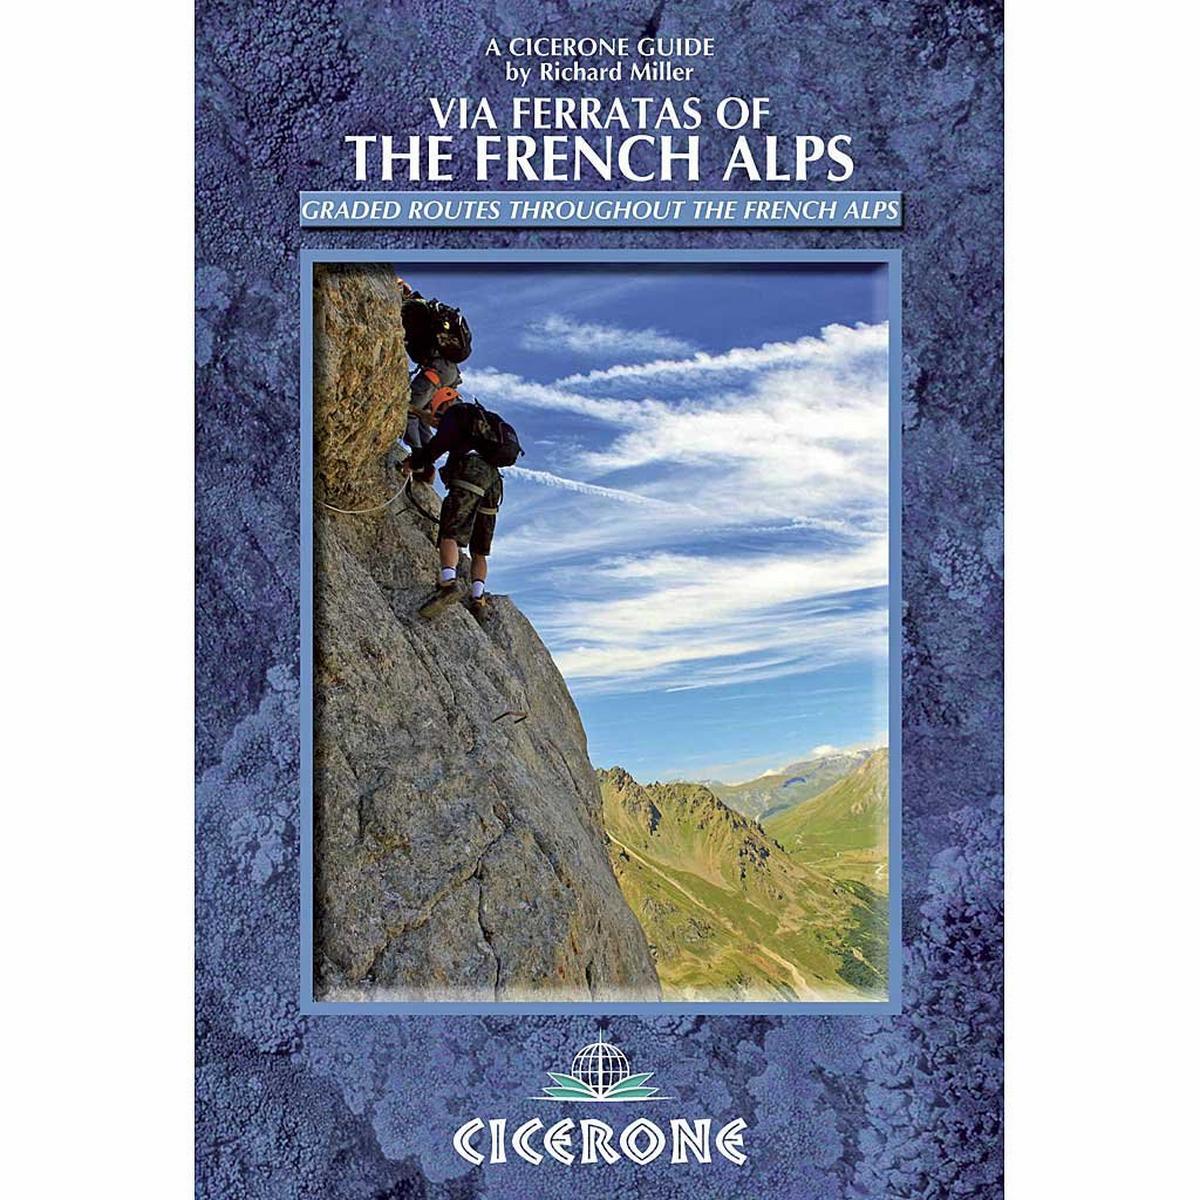 Cicerone Guide Book: Via Ferratas of the French Alps